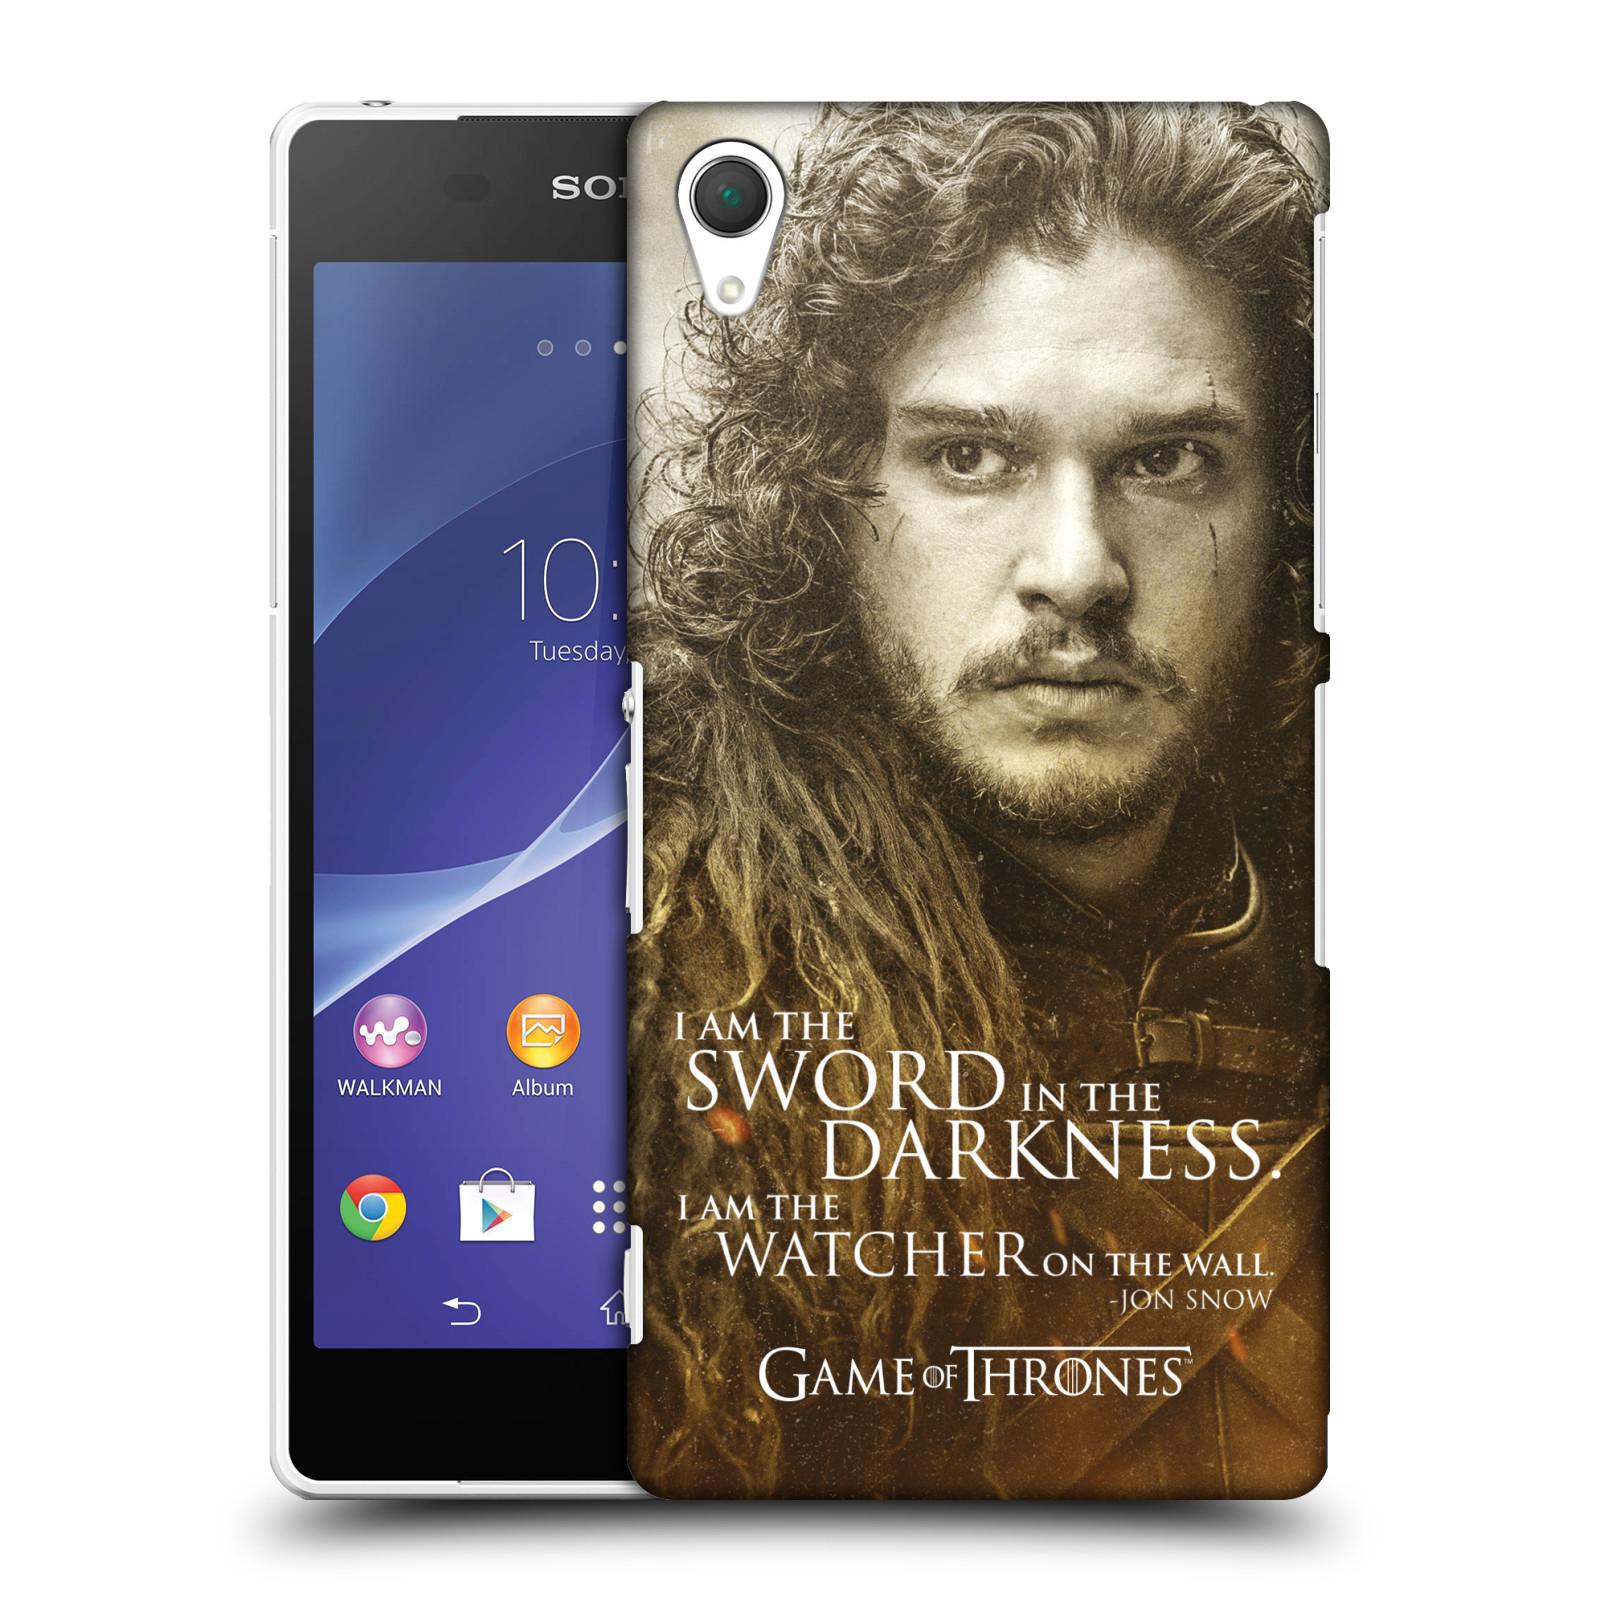 Plastové pouzdro na mobil Sony Xperia Z2 D6503 HEAD CASE Hra o trůny - Jon Snow (Plastový kryt či obal na mobilní telefon s licencovaným motivem Hra o trůny - Game Of Thrones pro Sony Xperia Z2)